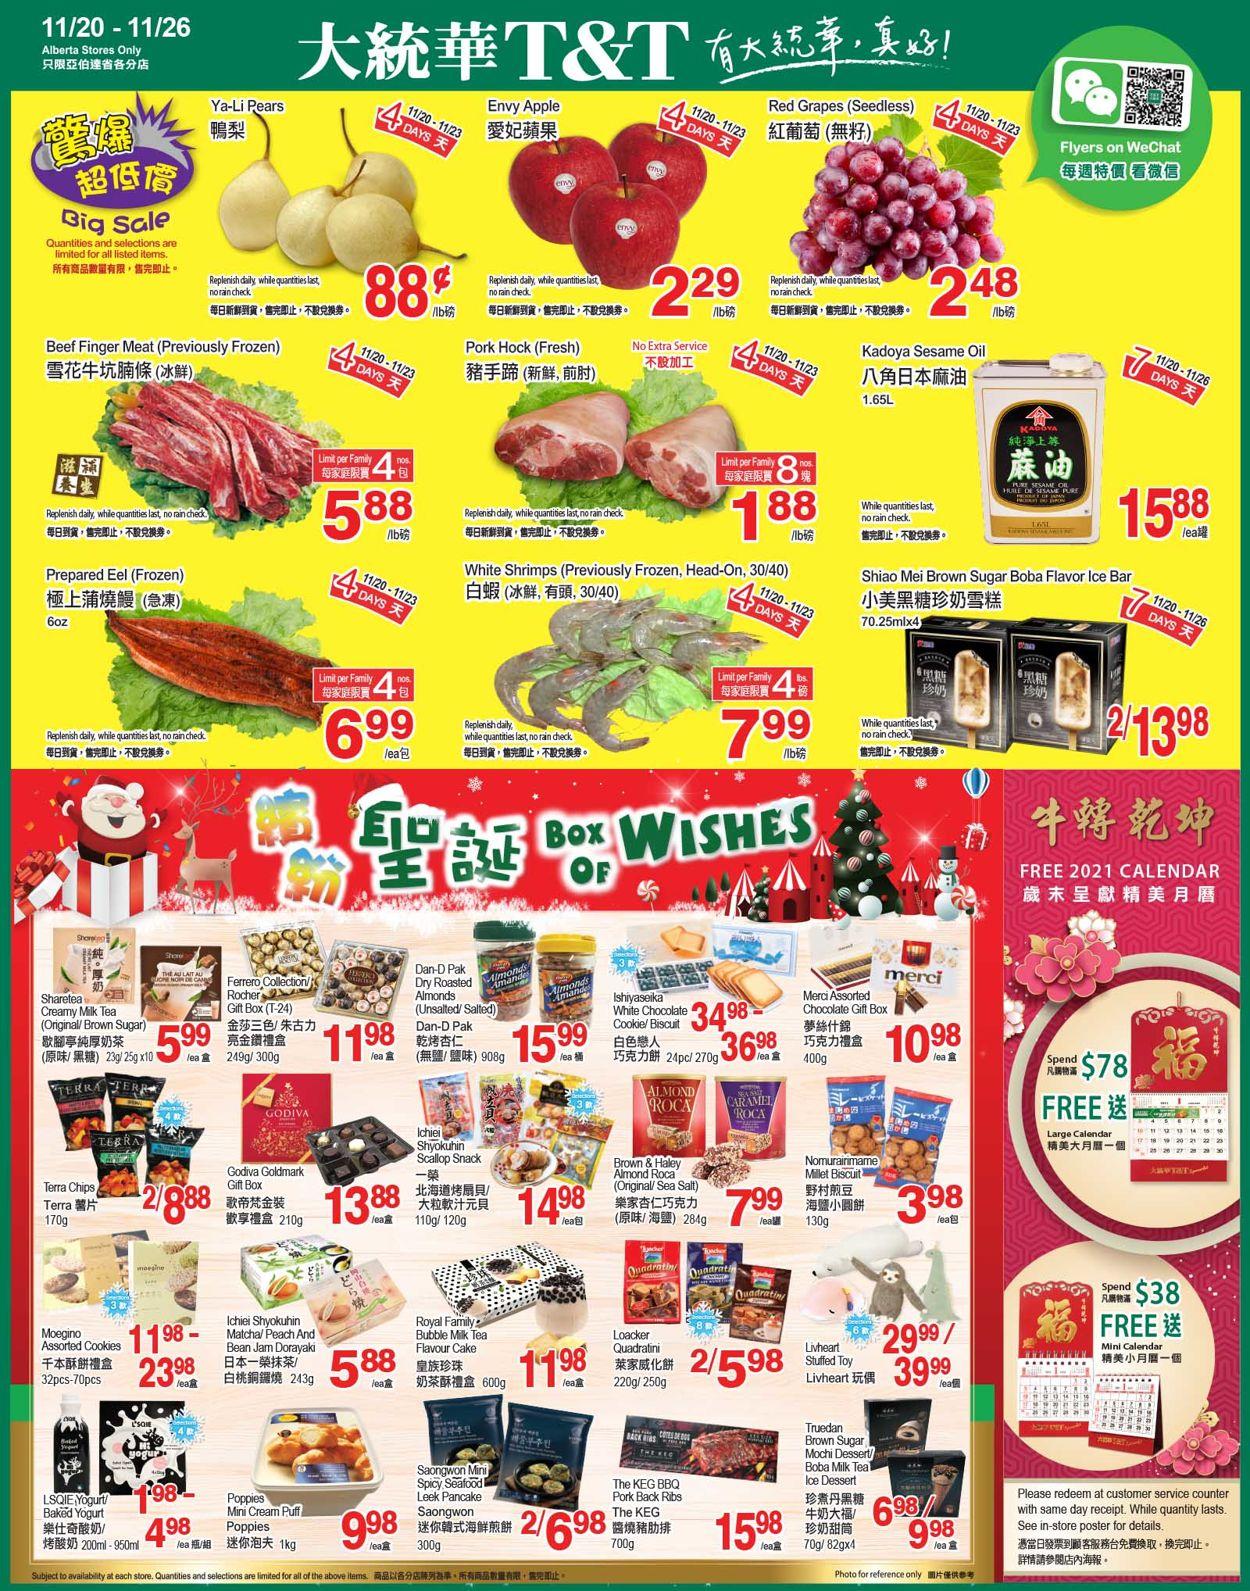 T&T Supermarket Alberta Black Friday 2020 - Alberta Flyer - 11/20-11/26/2020